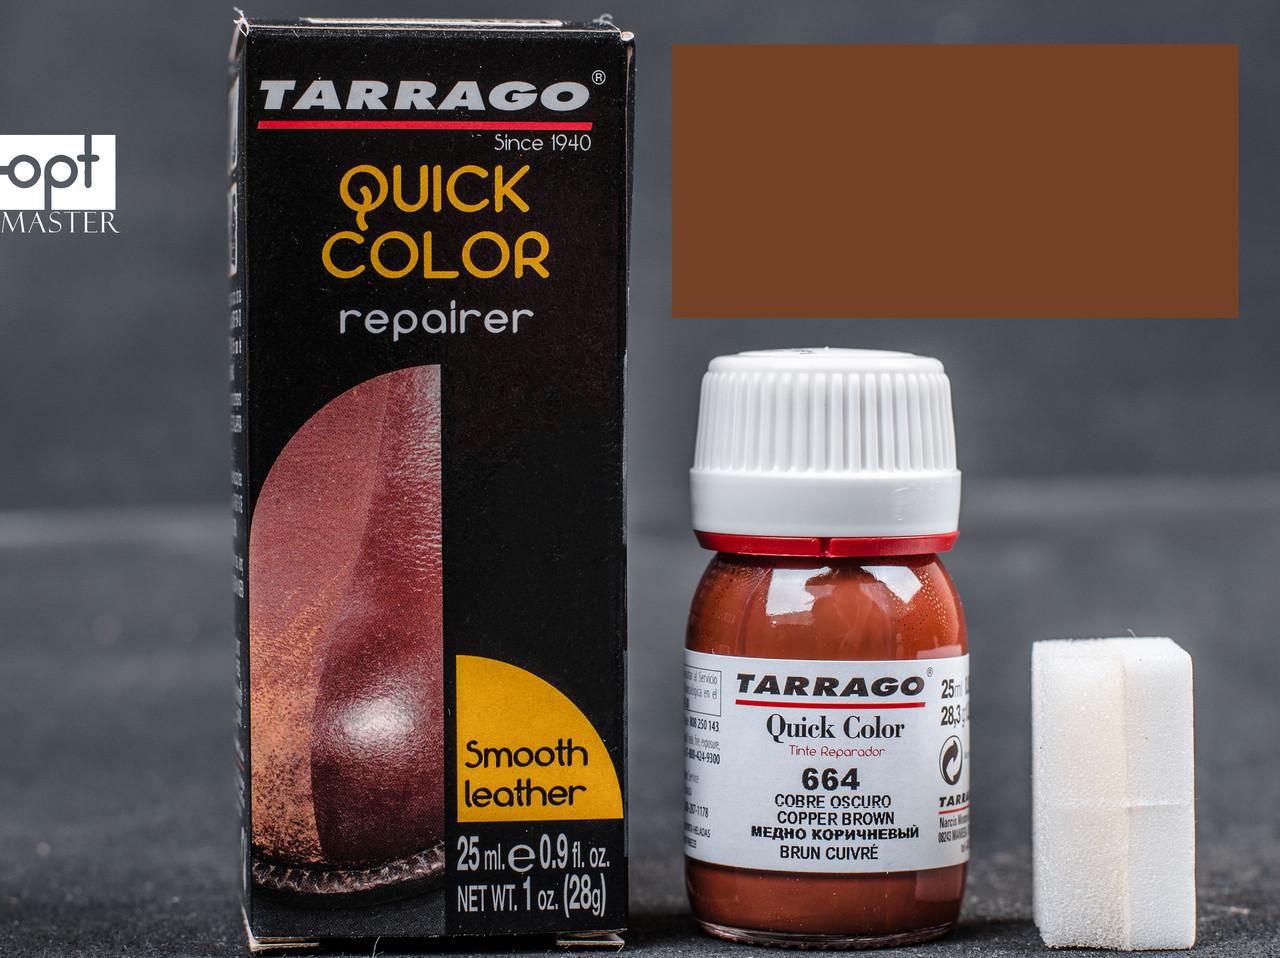 Краска для кожи бронзово коричневая Tarrago Quick Color, 25 мл,TDC83(664)